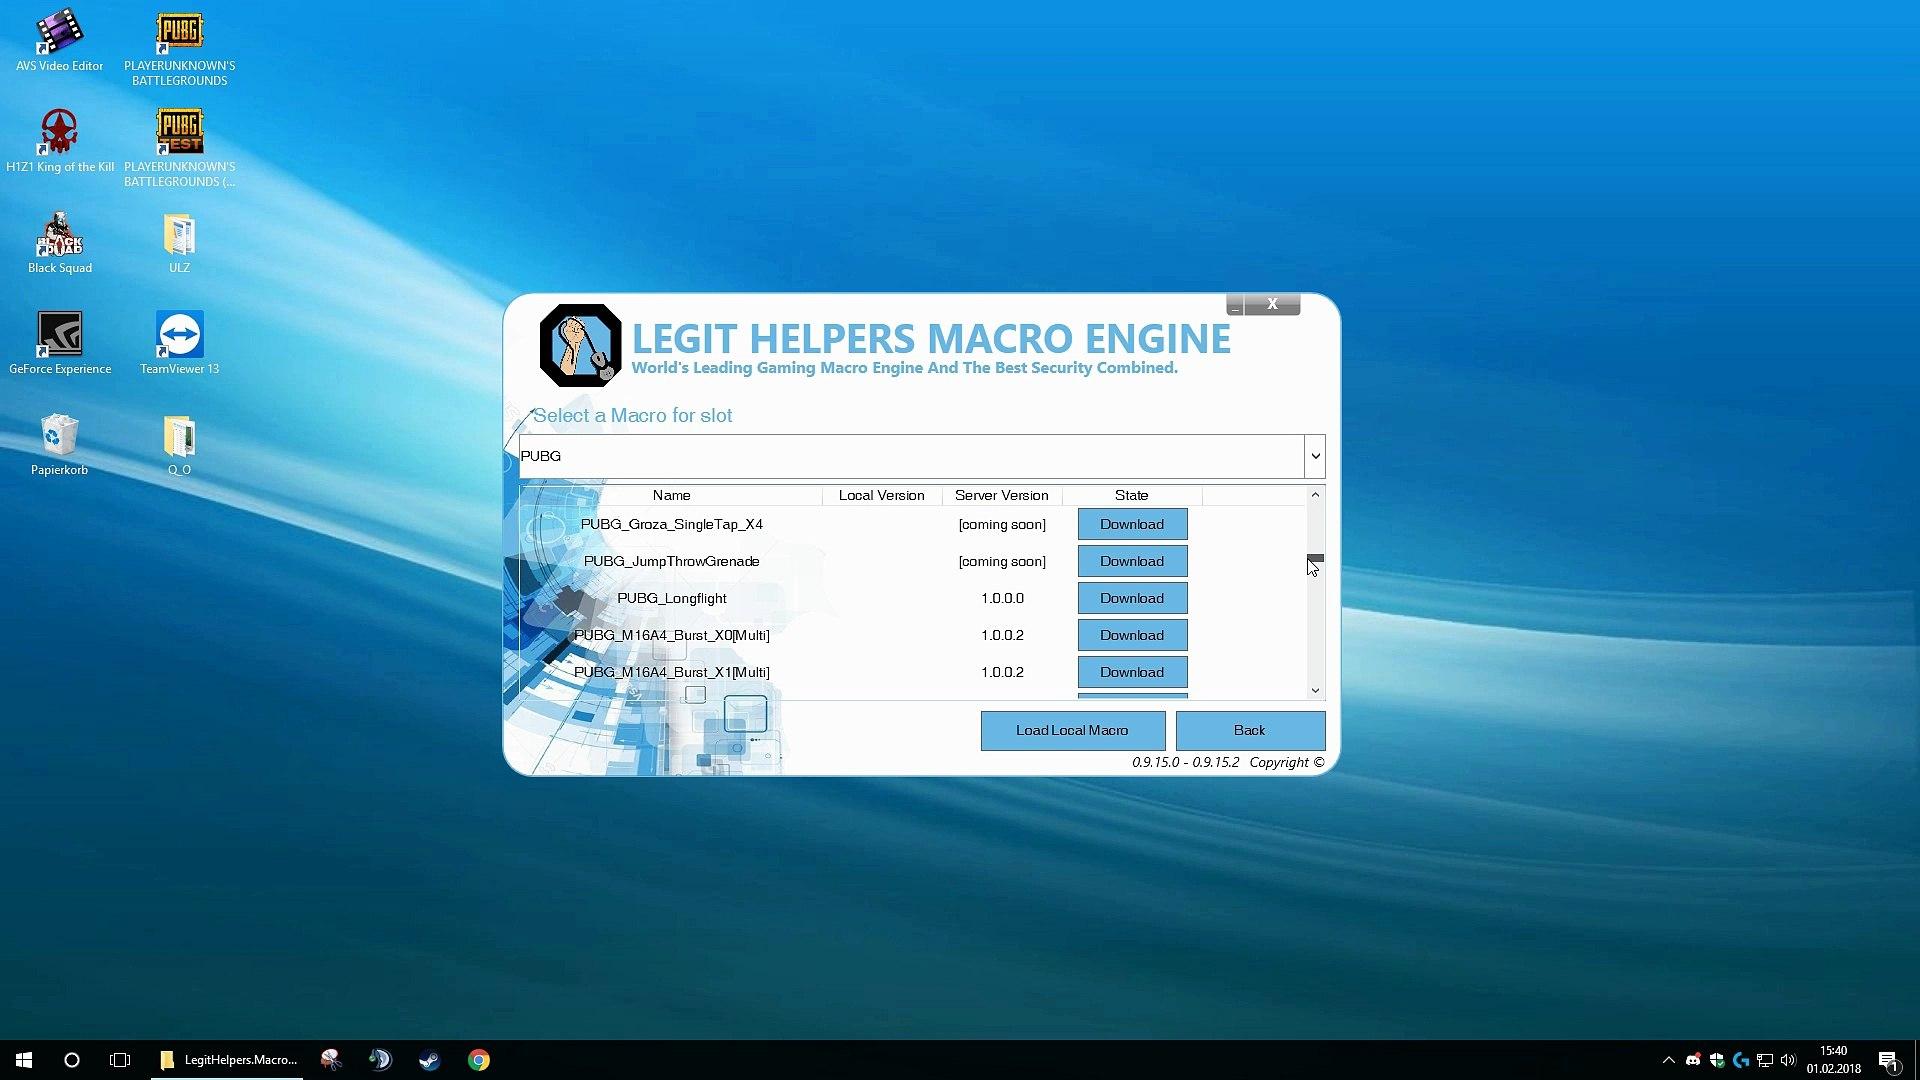 Legit Helpers Macro Engine - Tutorial Video